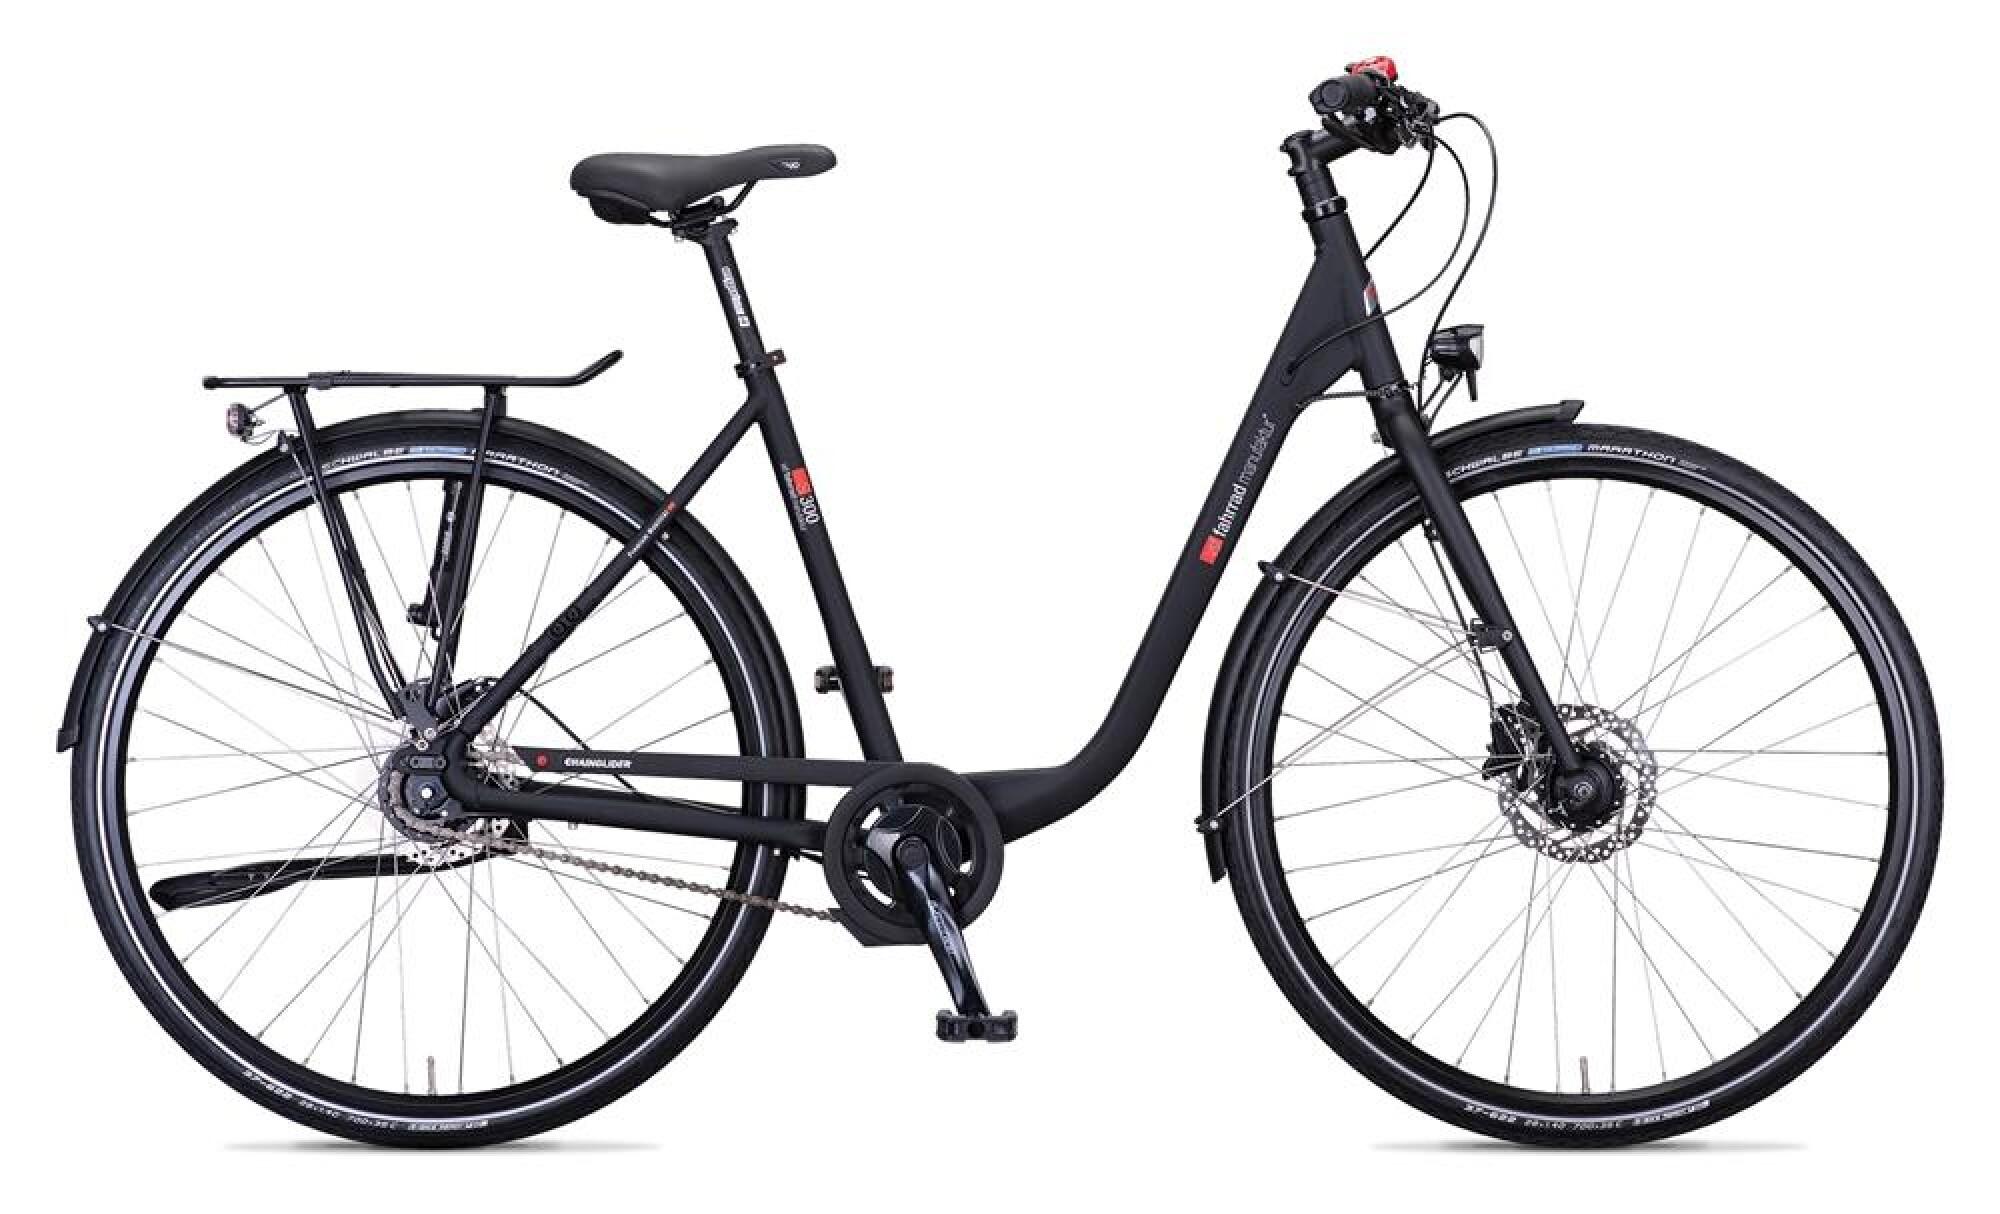 citybike vsf fahrradmanufaktur s 300 shimano nexus 8 gang. Black Bedroom Furniture Sets. Home Design Ideas